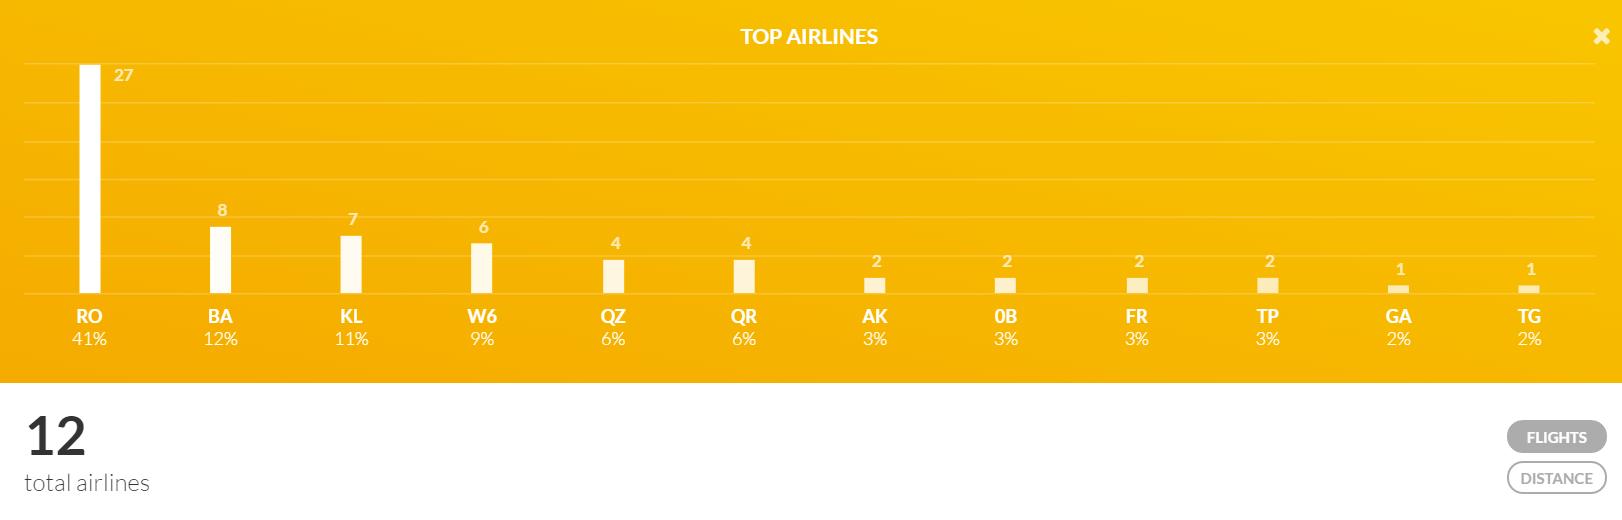 Statistică personală companii aeriene cu care am zburat. 1. TAROM 2. British Ariways 3. KLM